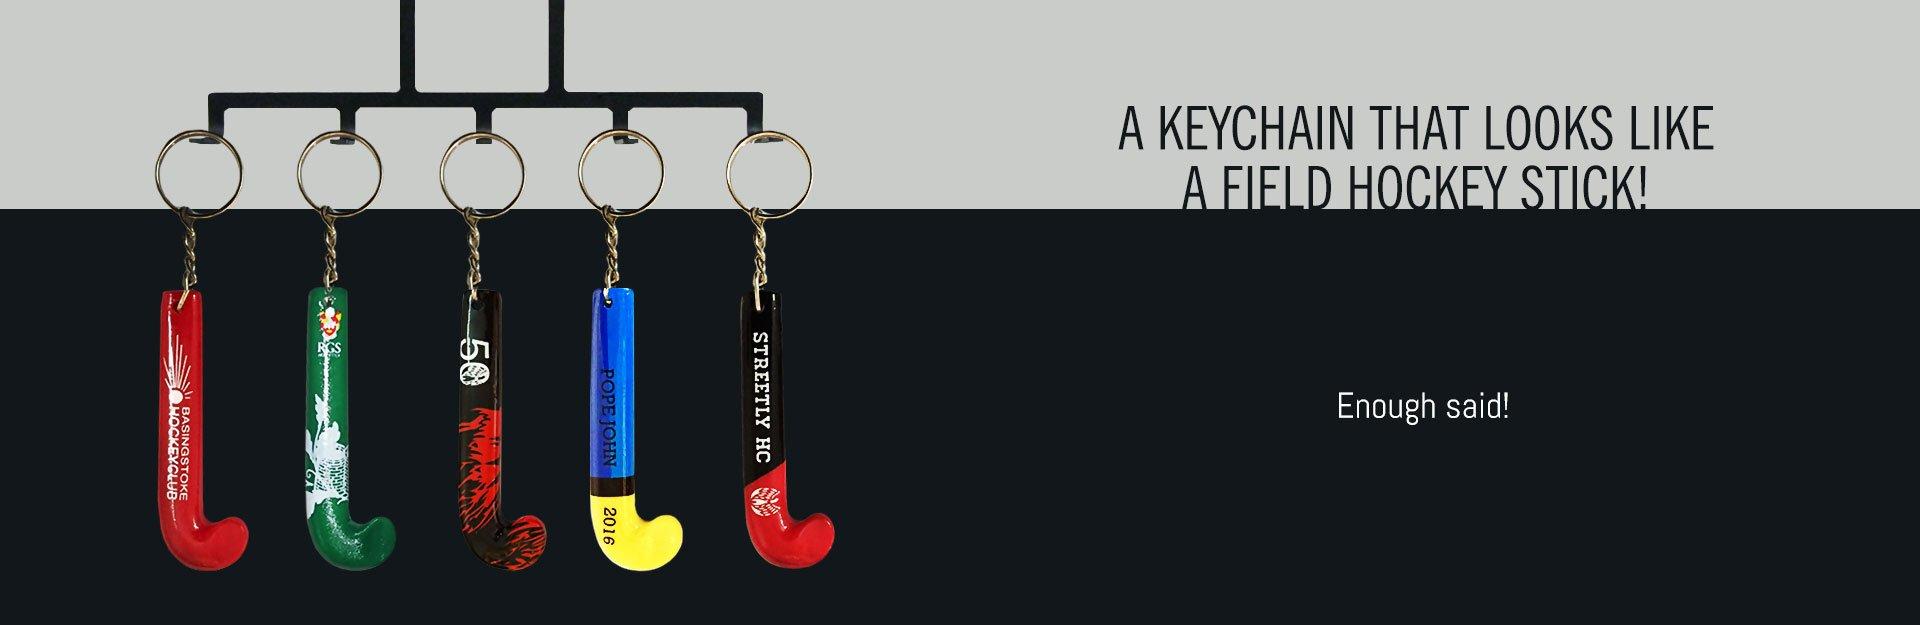 Customize Field Hockey Stick Keychains - RAGE® Custom Works ca9fdba2b